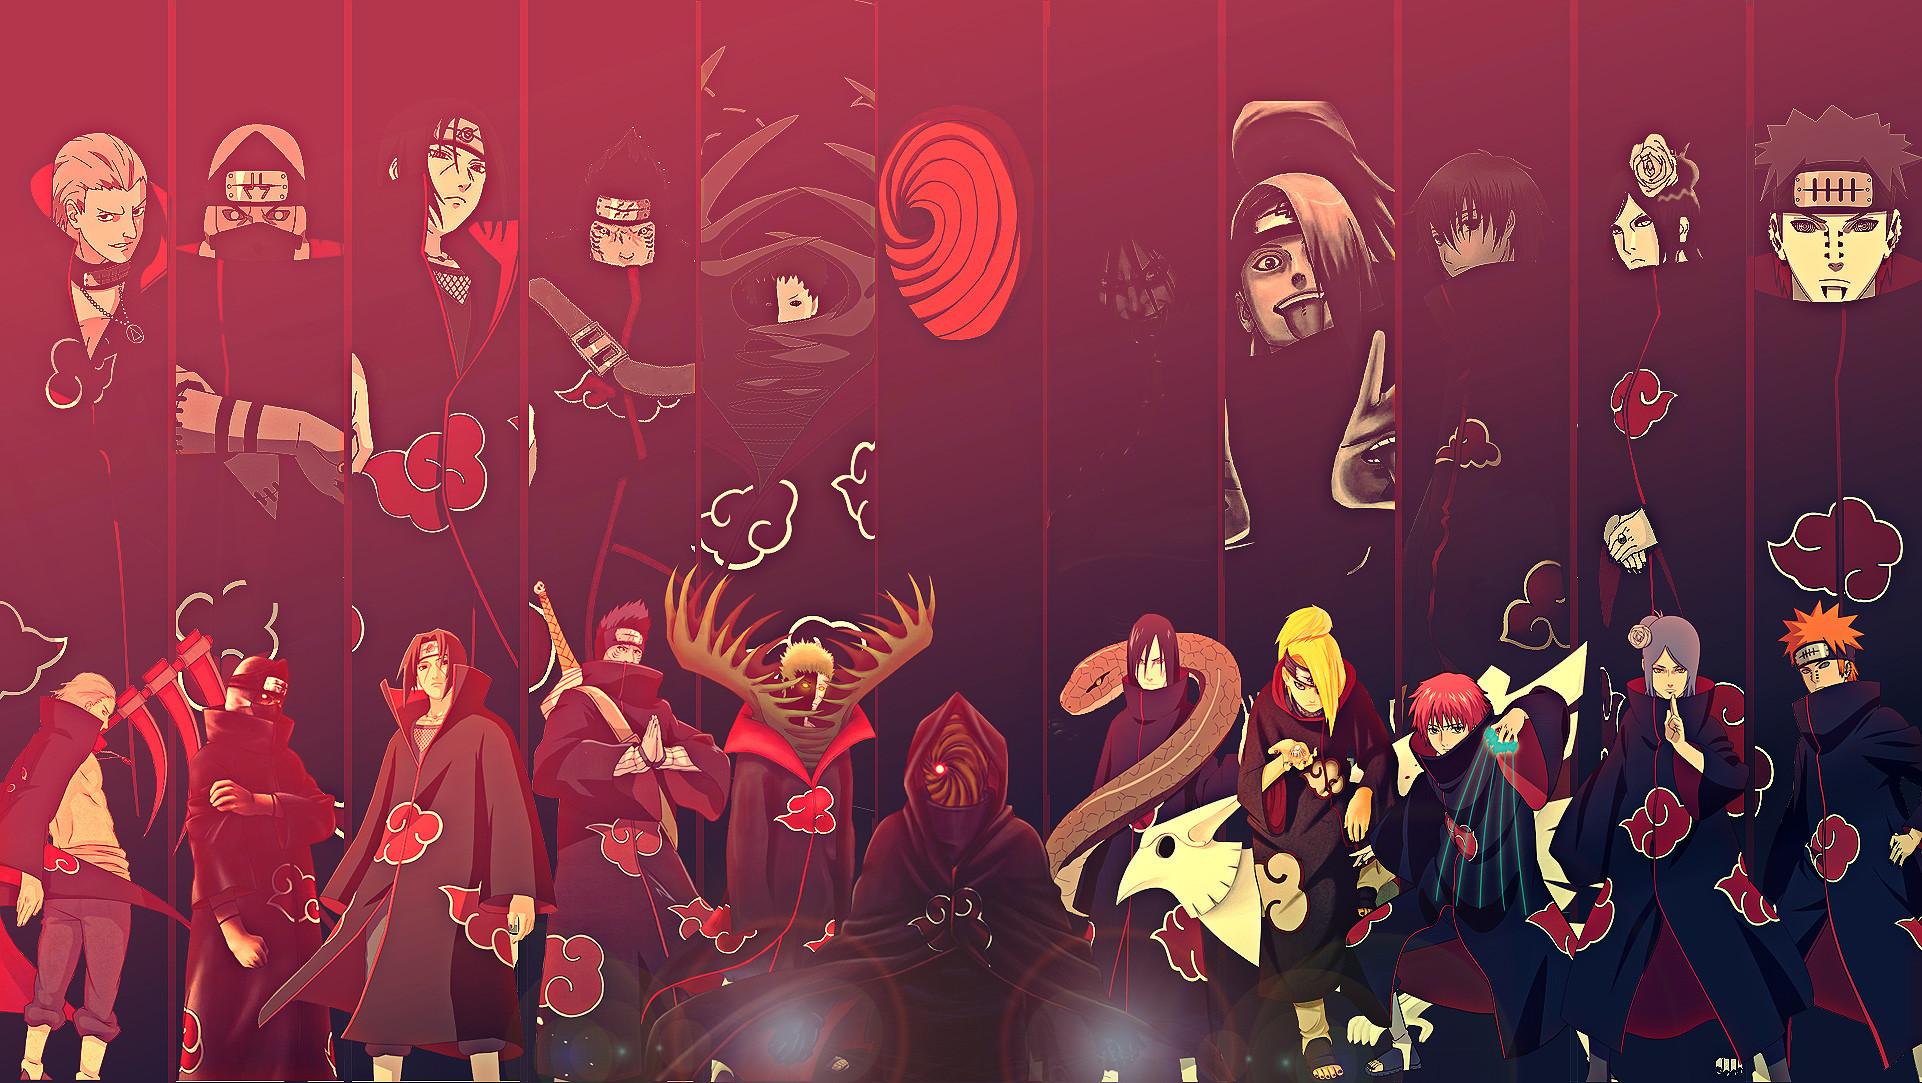 Res: 1922x1083, 1920x1080 1920x1080 1920x1200 zetsu itachi uchiha kisame kakuzu hidan  akatsuki group anime wallpaper .